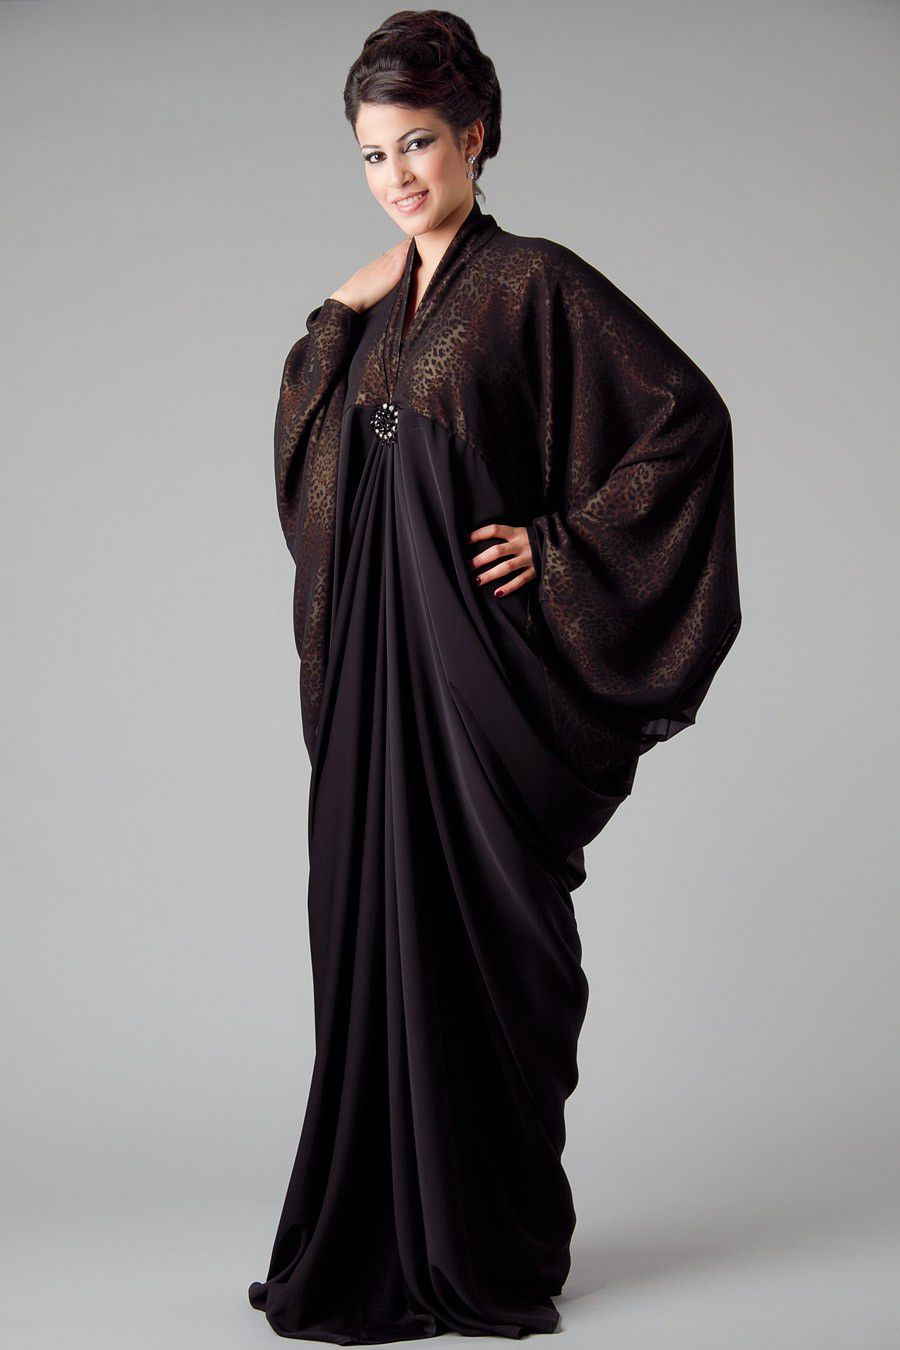 بالصور عبايات مغربية , المغرب وملابسه الجميله 5503 13